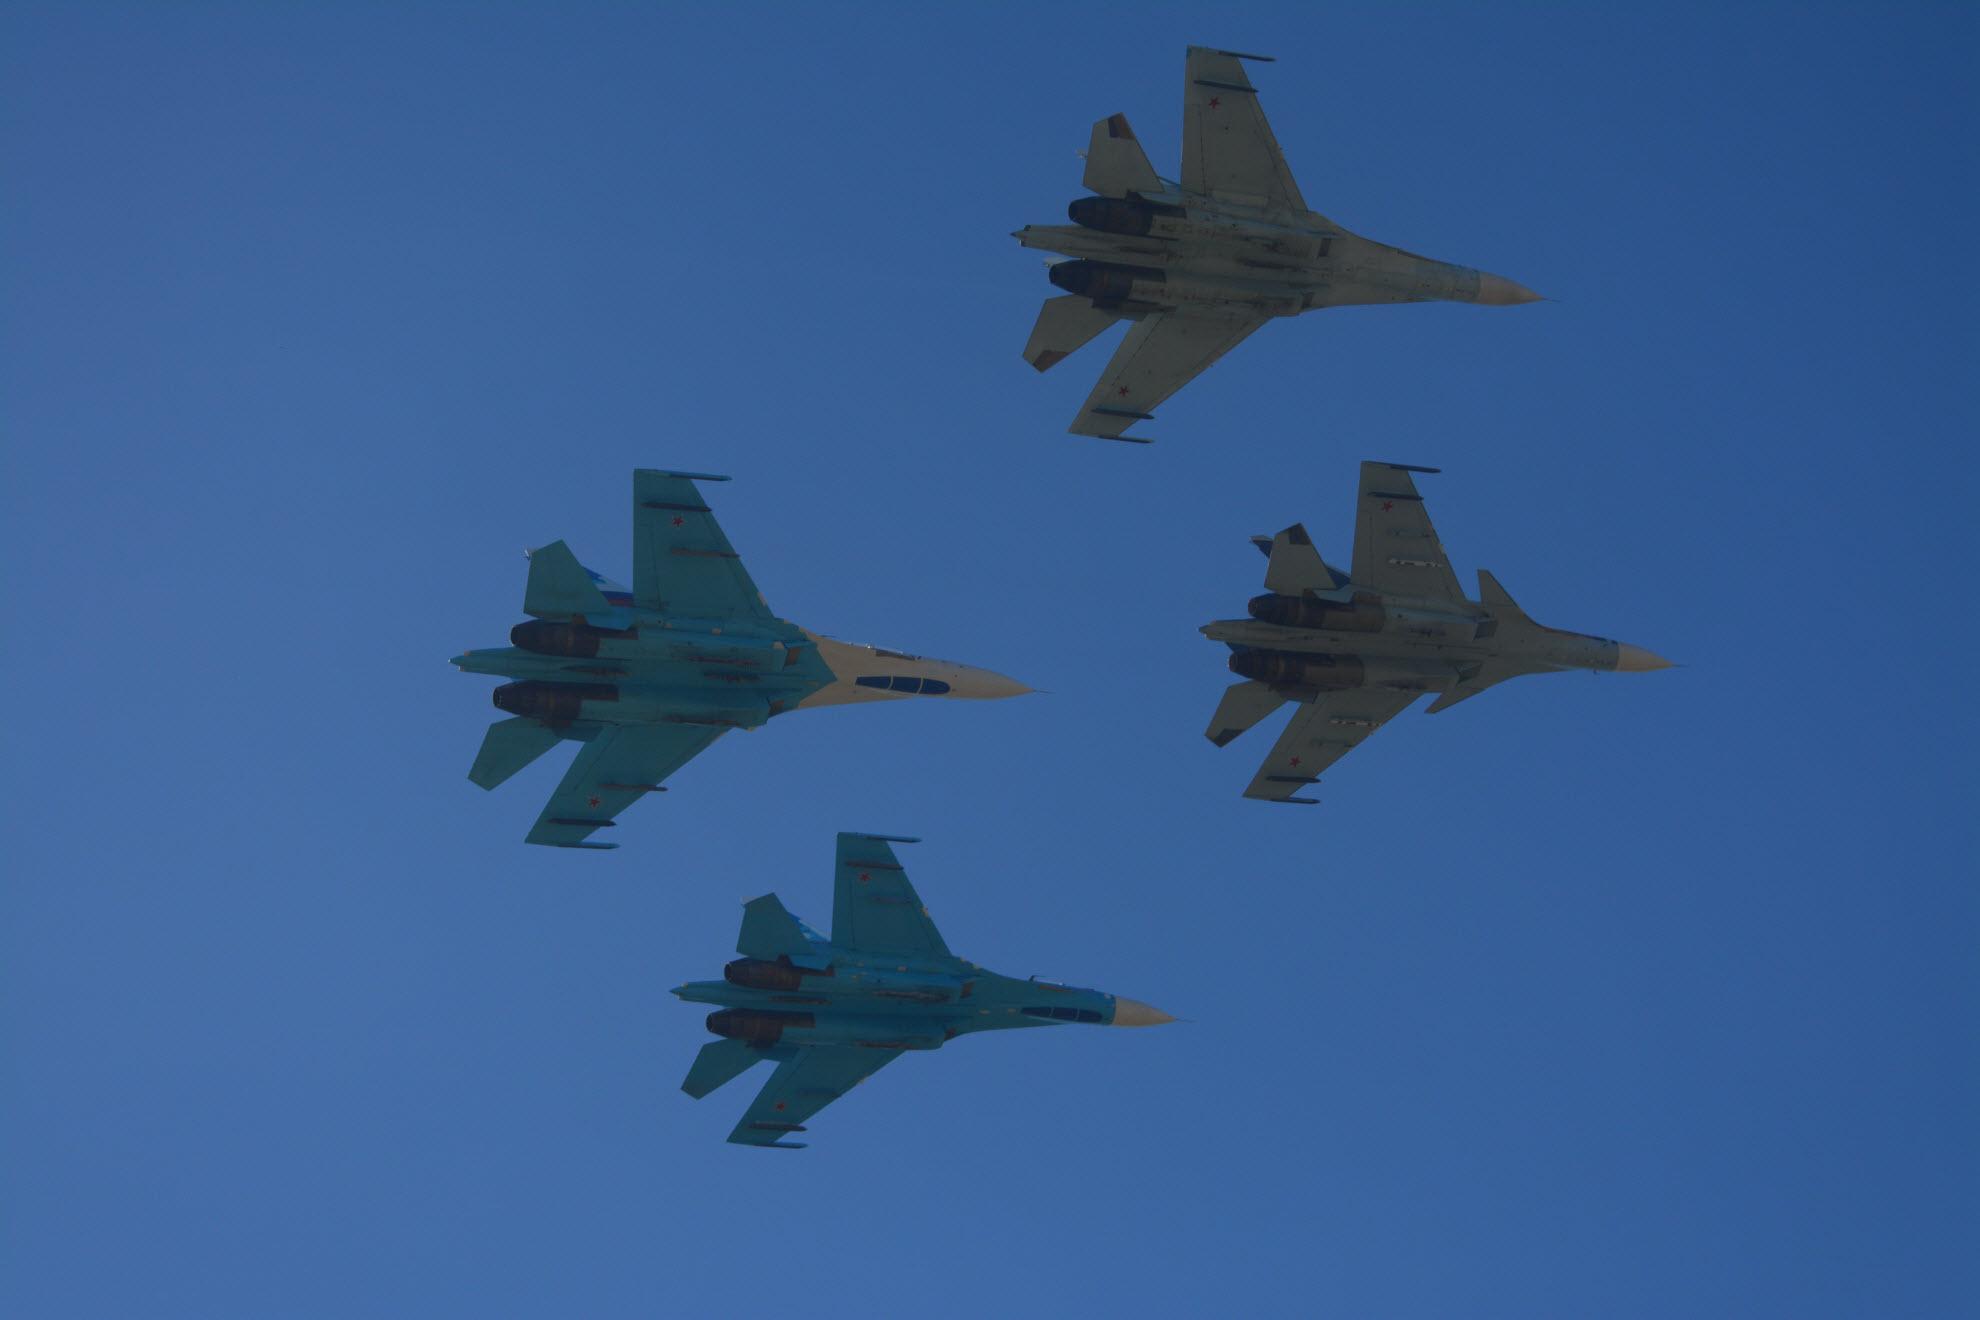 Самолеты в синем небе. Блиц: самолеты